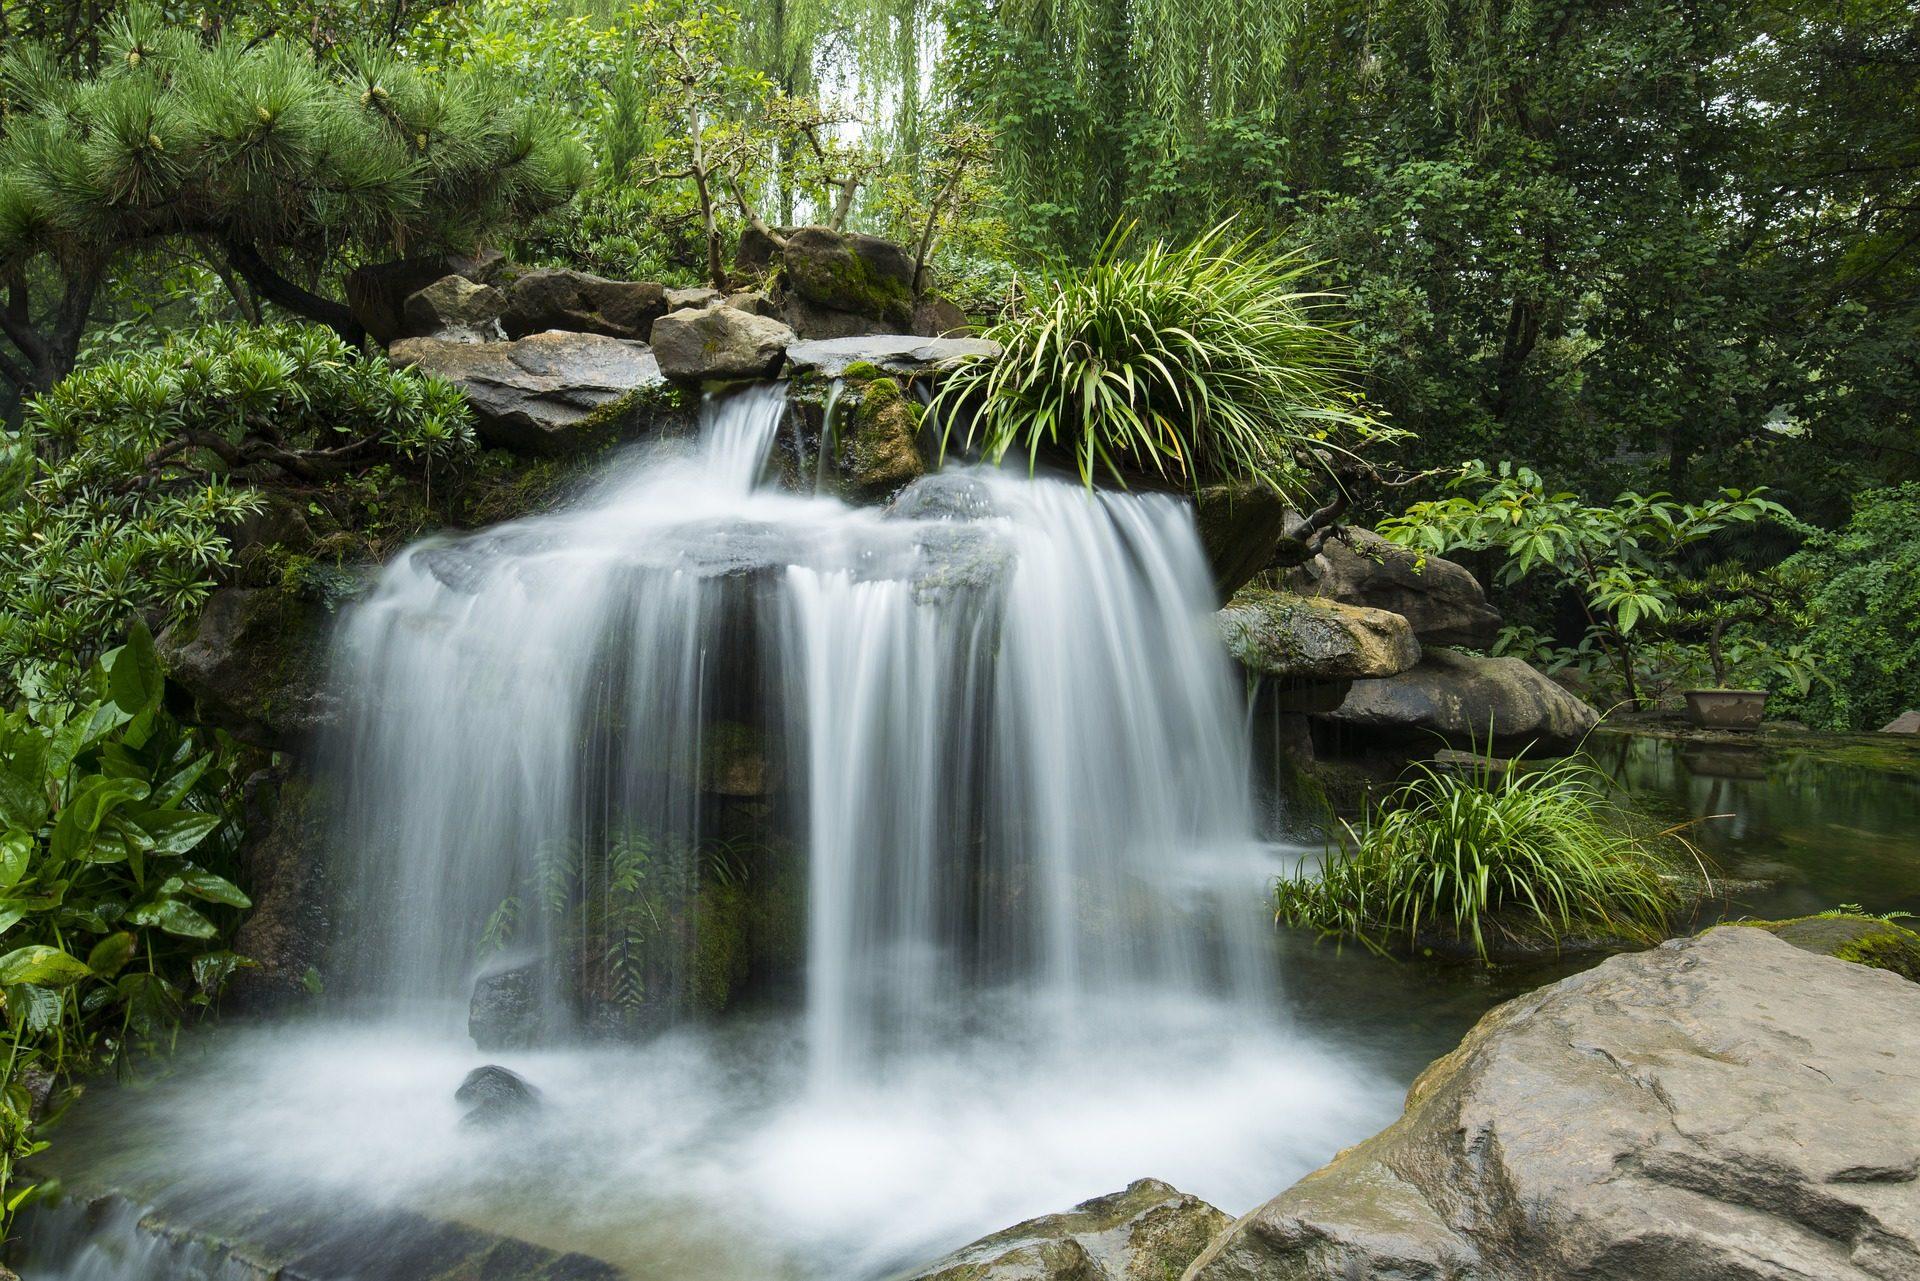 花园, 河, 瀑布, 来源, 植物, 中文 - 高清壁纸 - 教授-falken.com